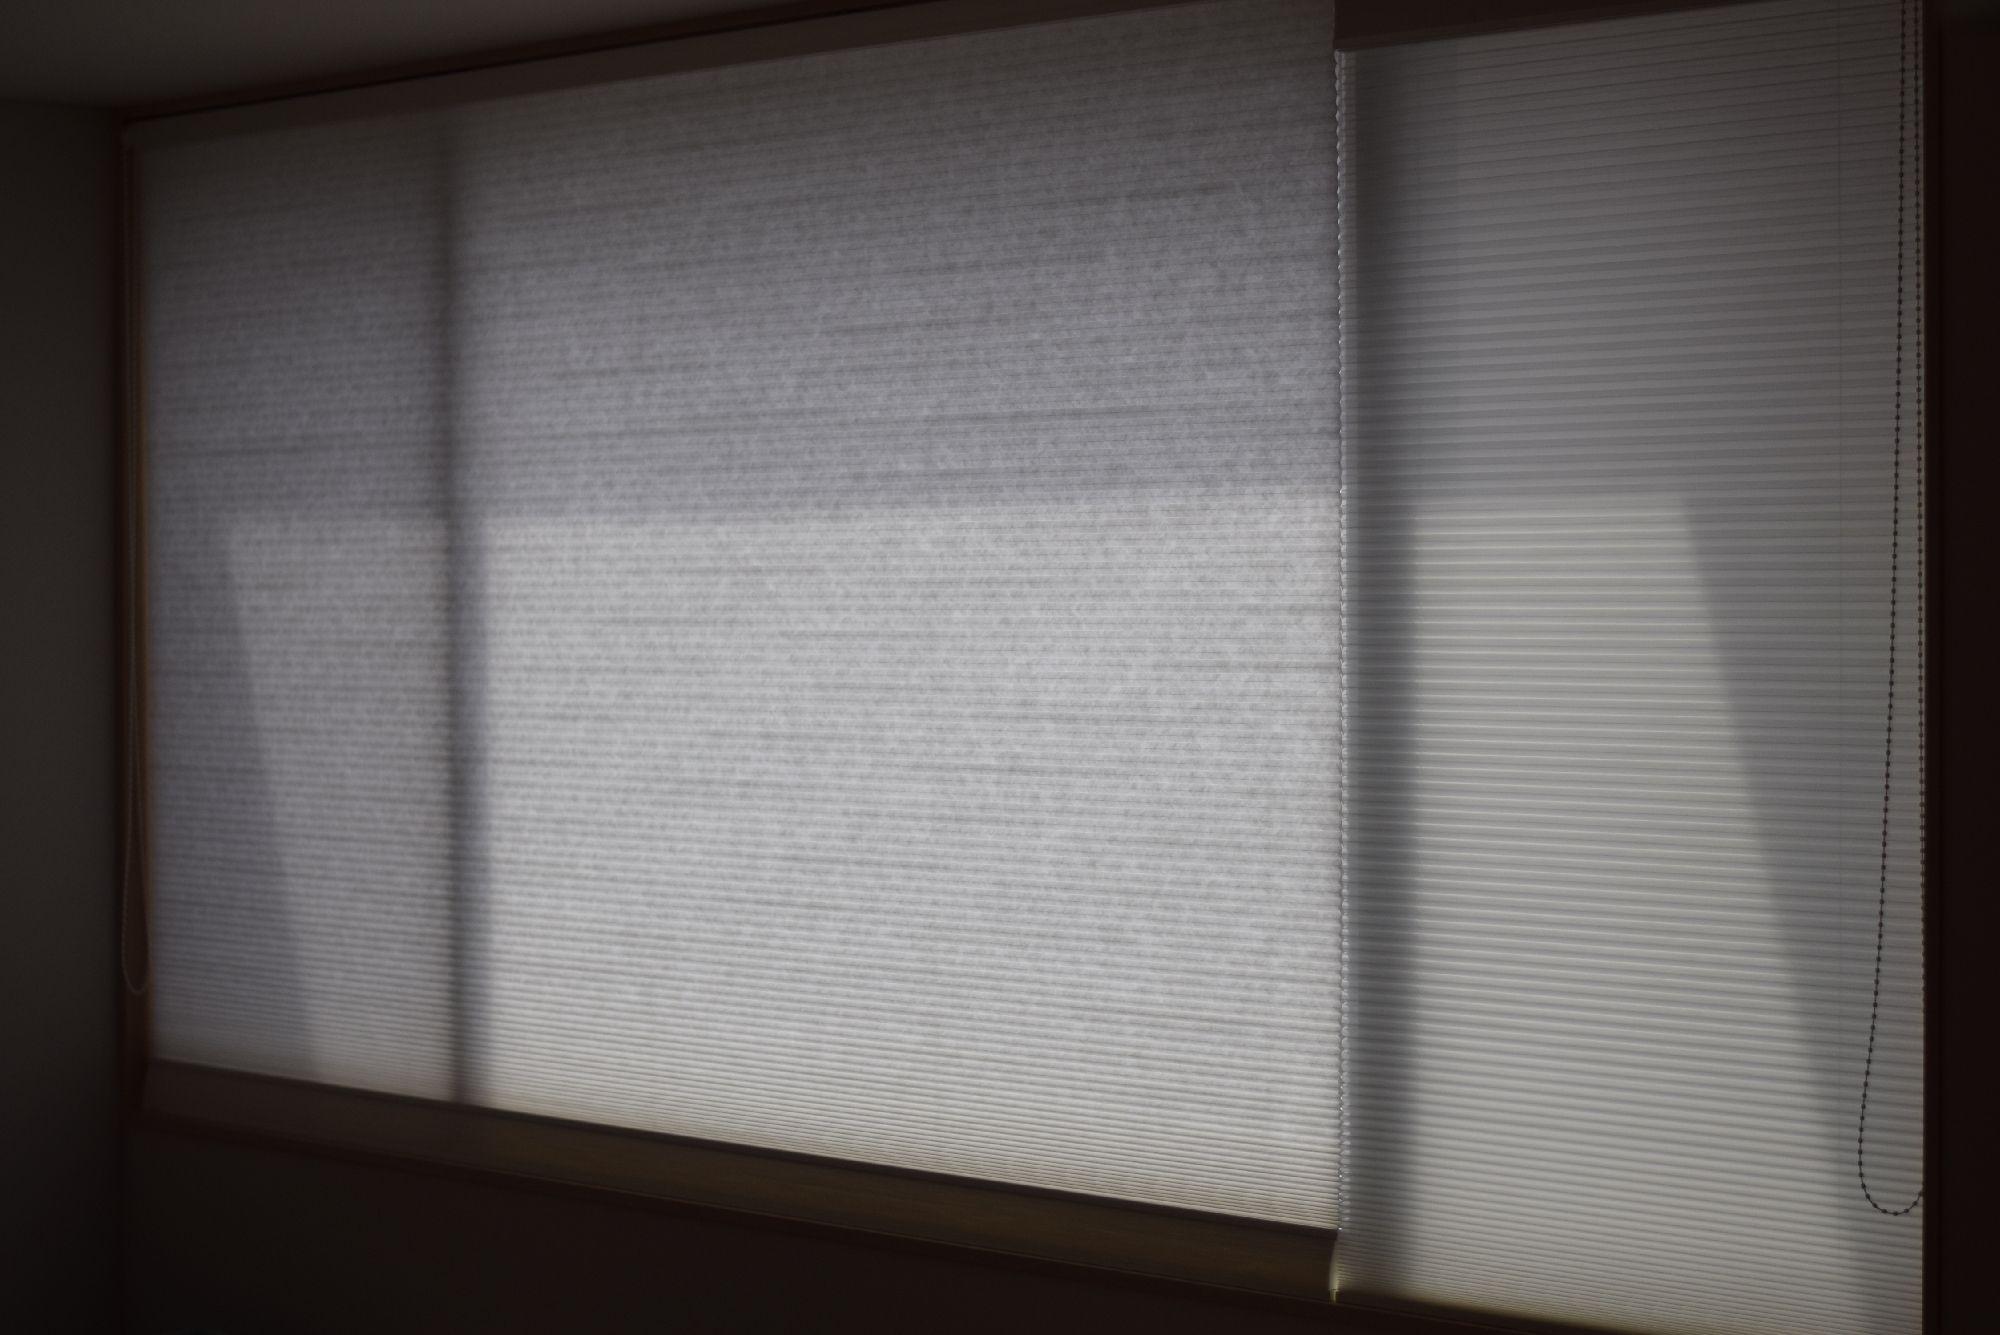 大きい窓にしました3410 1570mmの腰高窓と3470mm 2360mmの掃出窓